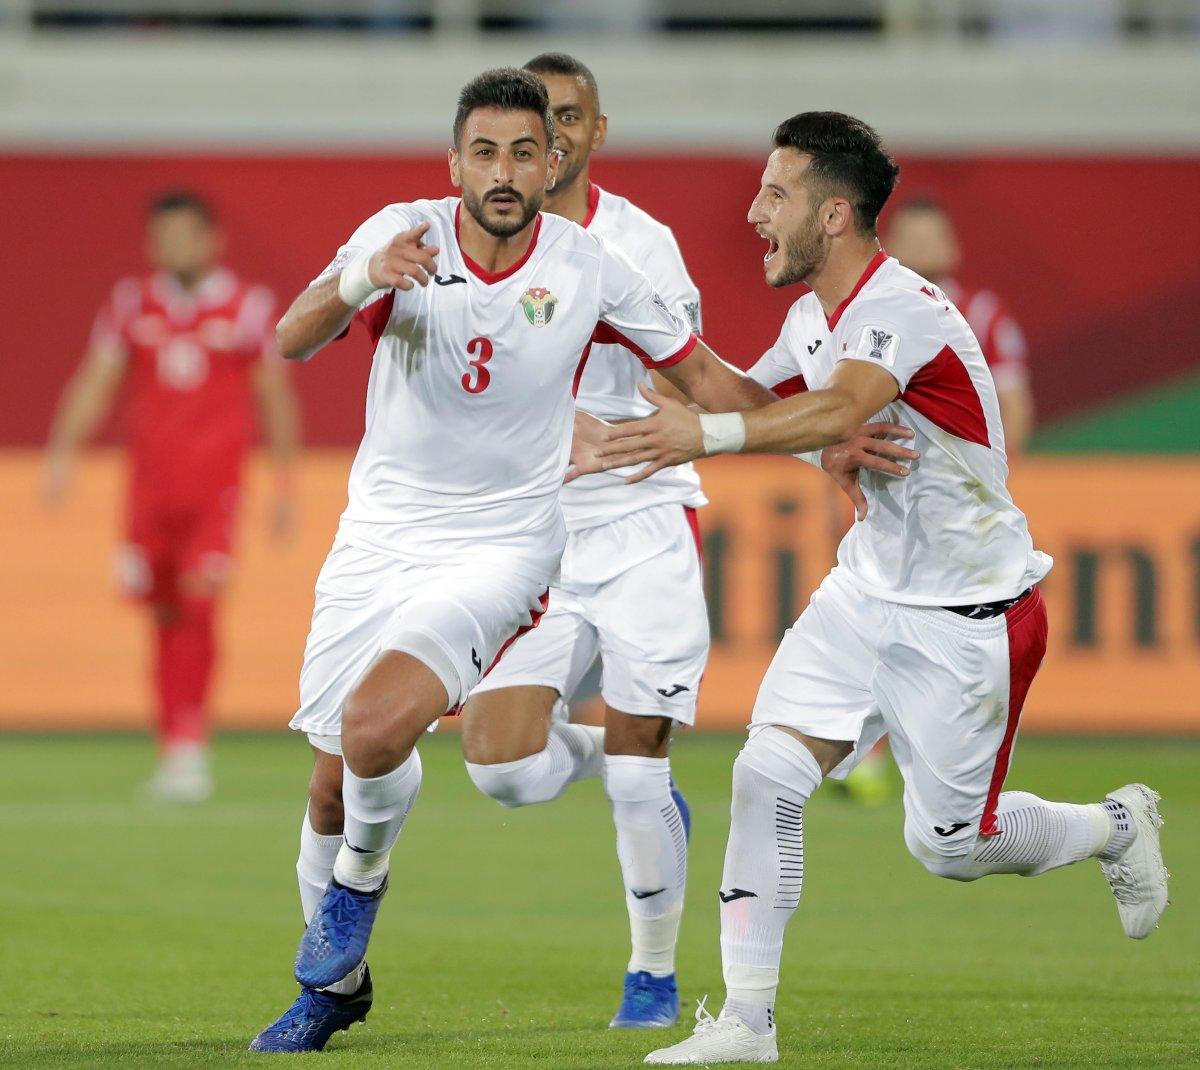 منتخب الأردن أول المتأهلين العرب إلى دور الـ16 من كآس آسيا19